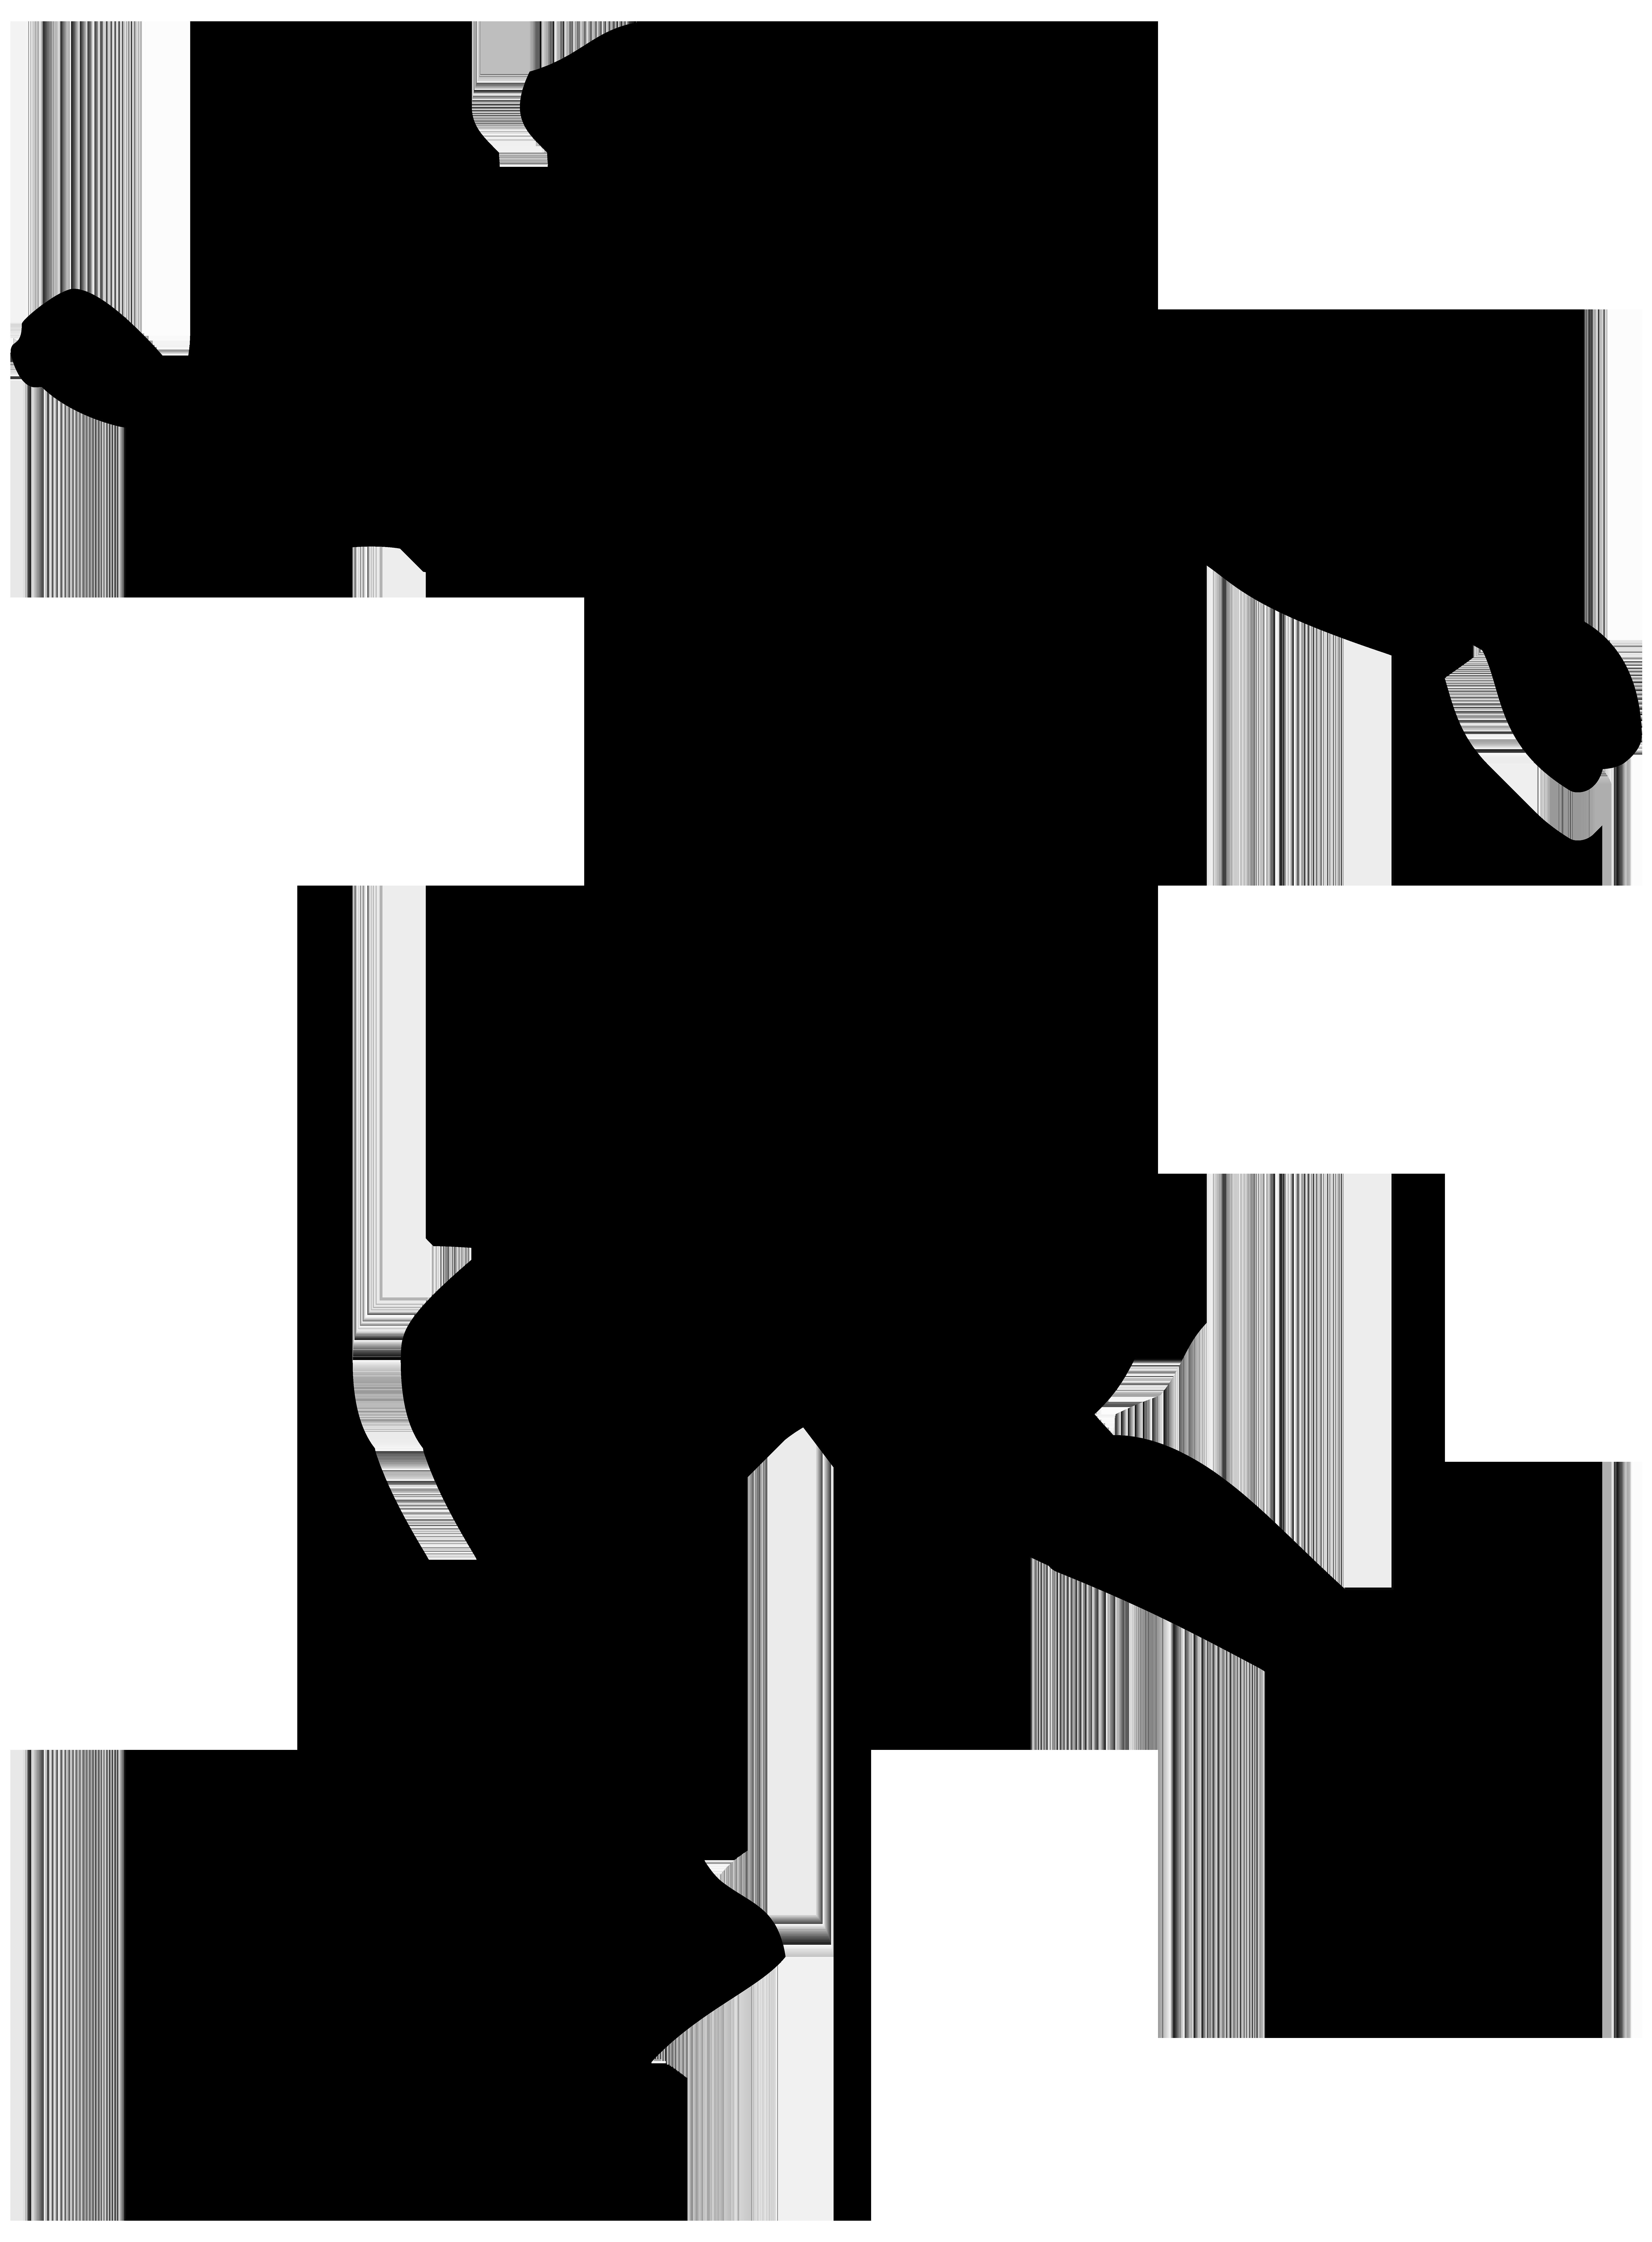 5896x8000 Footballer Silhouette Png Transparent Clip Art Imageu200b Gallery